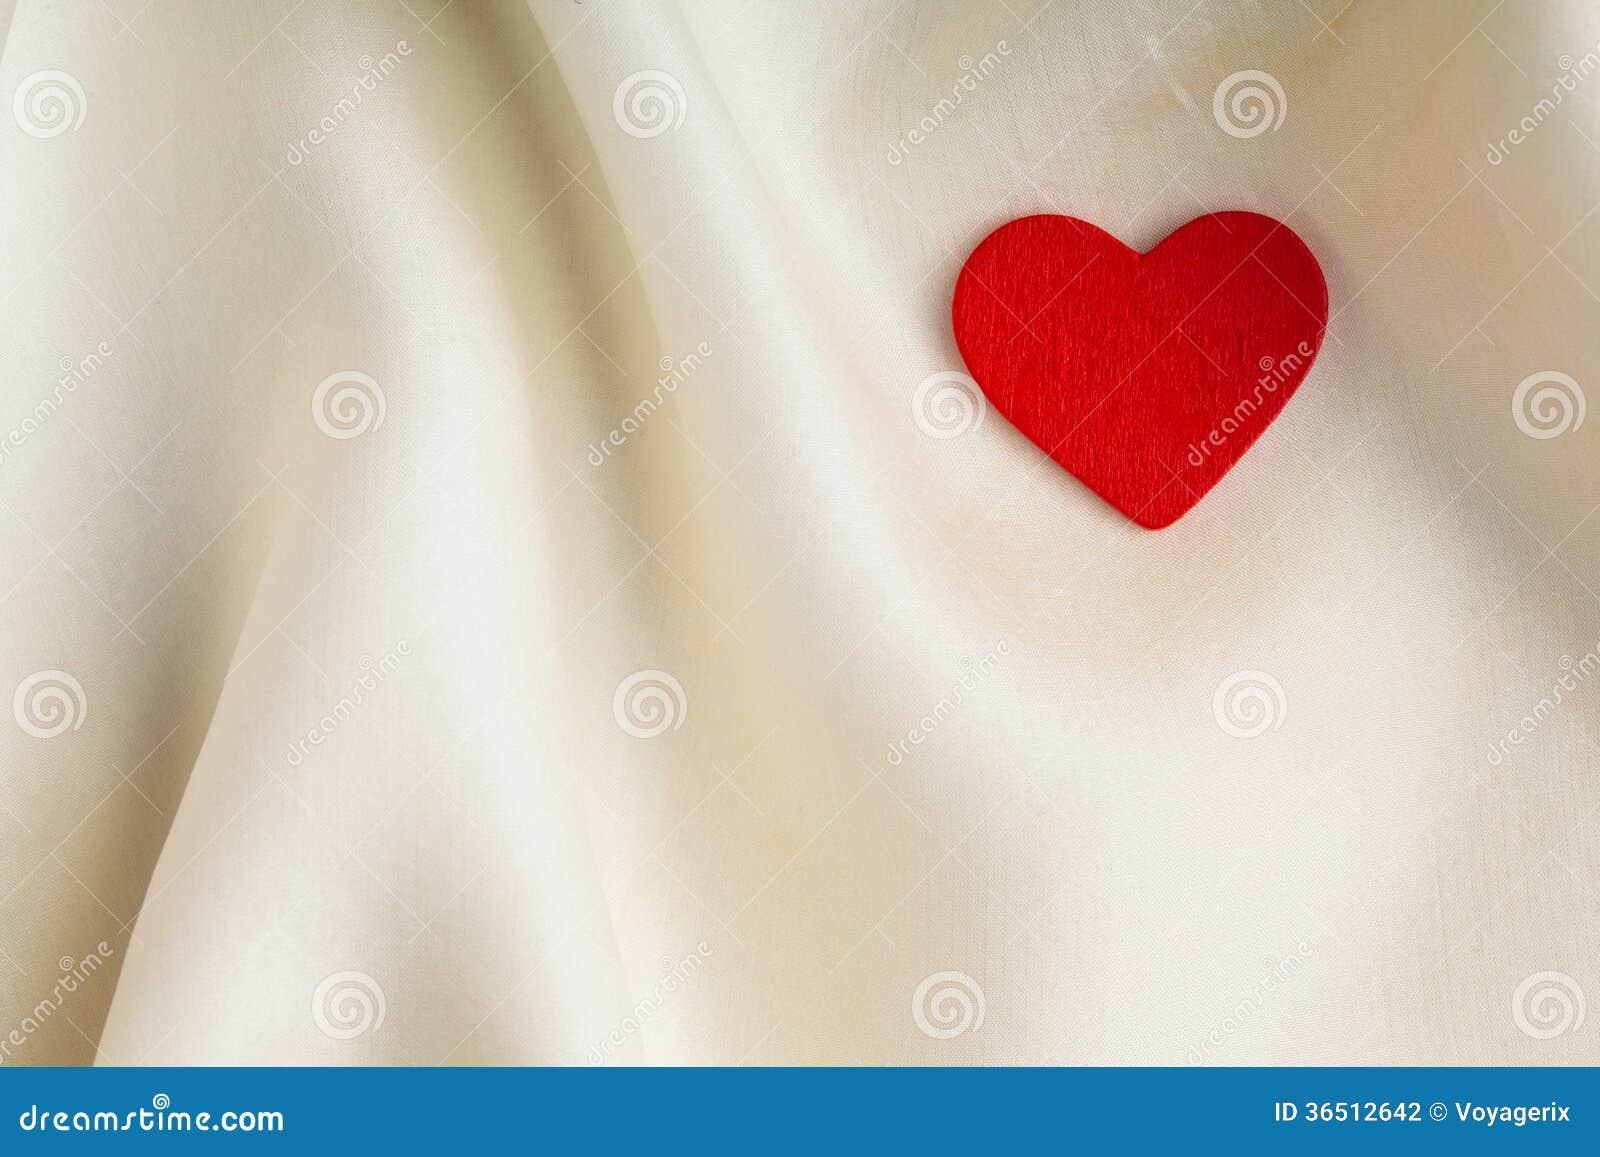 Κόκκινη ξύλινη διακοσμητική καρδιά στο άσπρο υπόβαθρο μεταξιού.